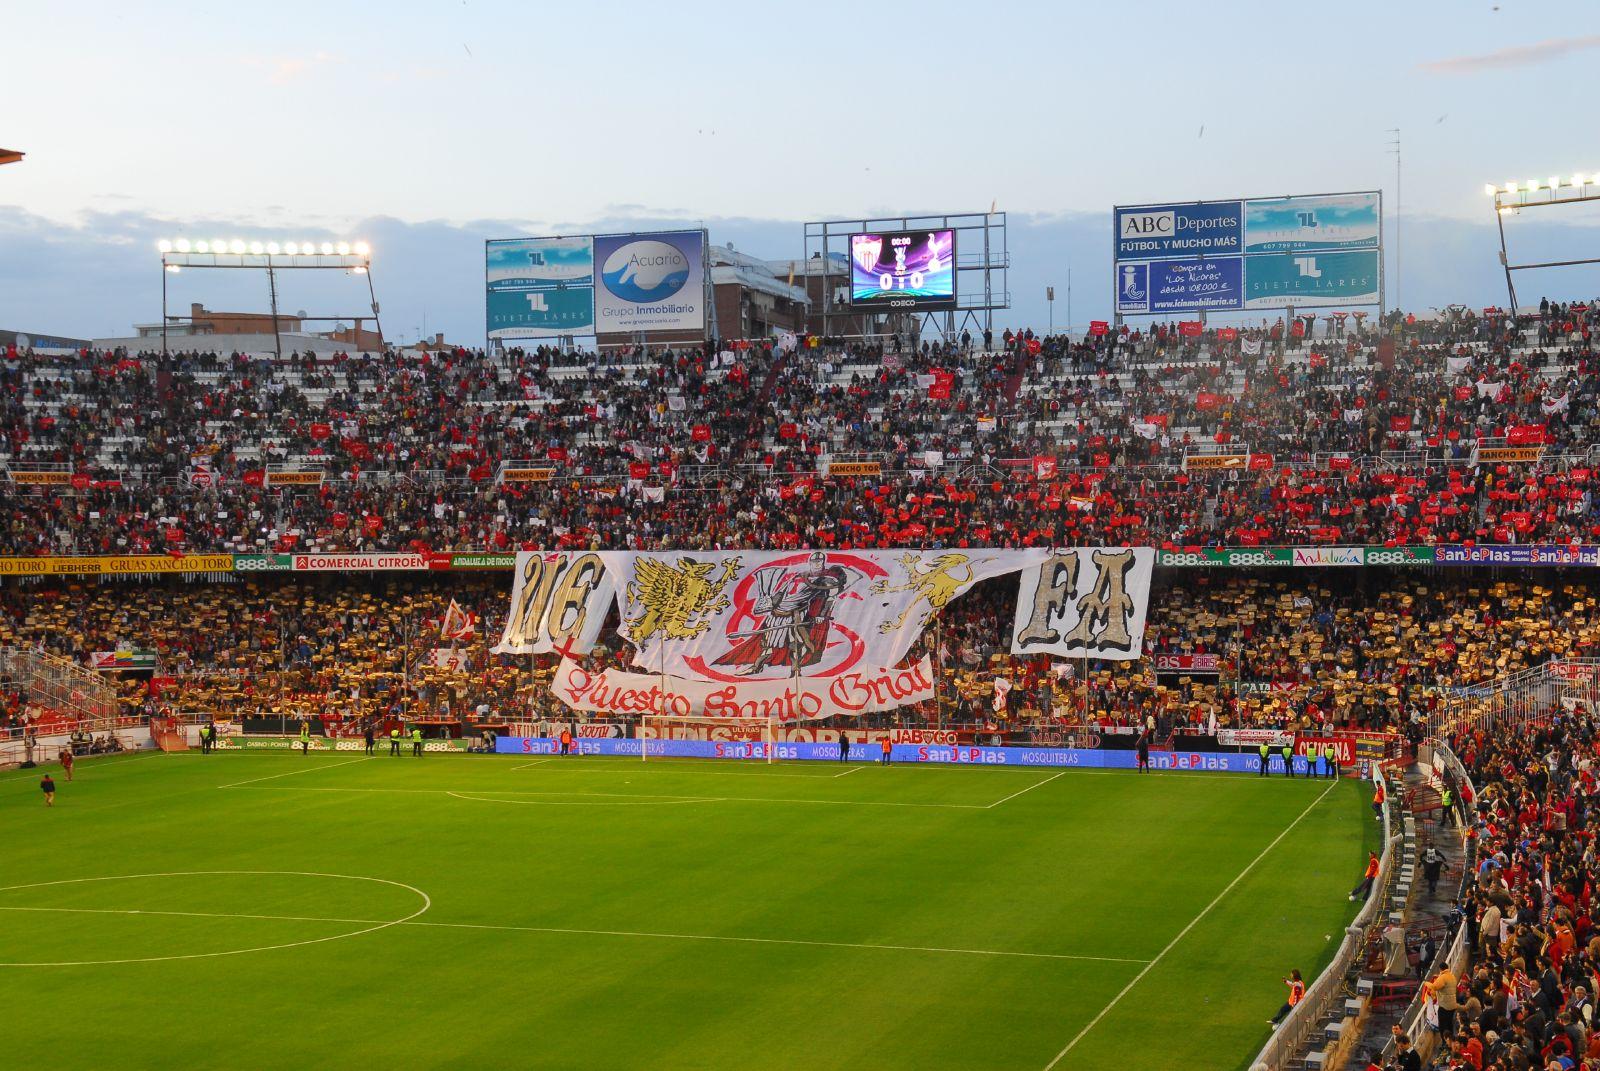 Sevilla recibe al Liverpool. Foto: Sevilla/Wikimedia